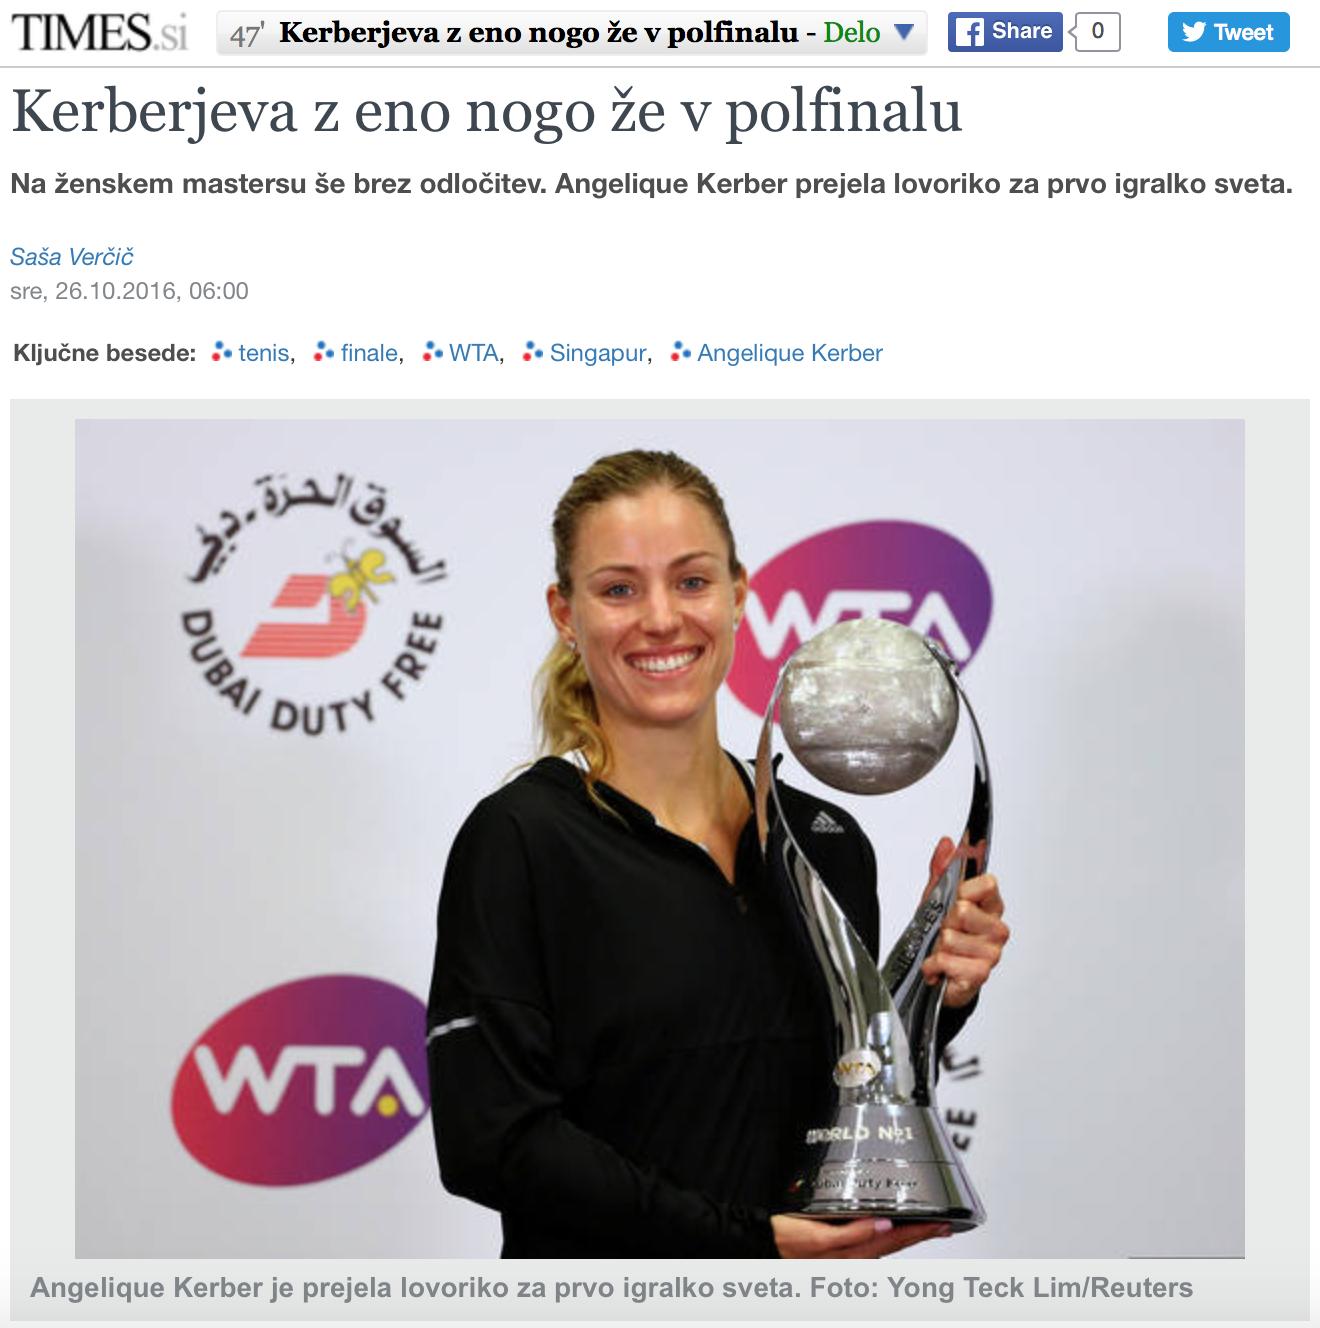 WTA Finals for Reuters (pictures.reuters.com)